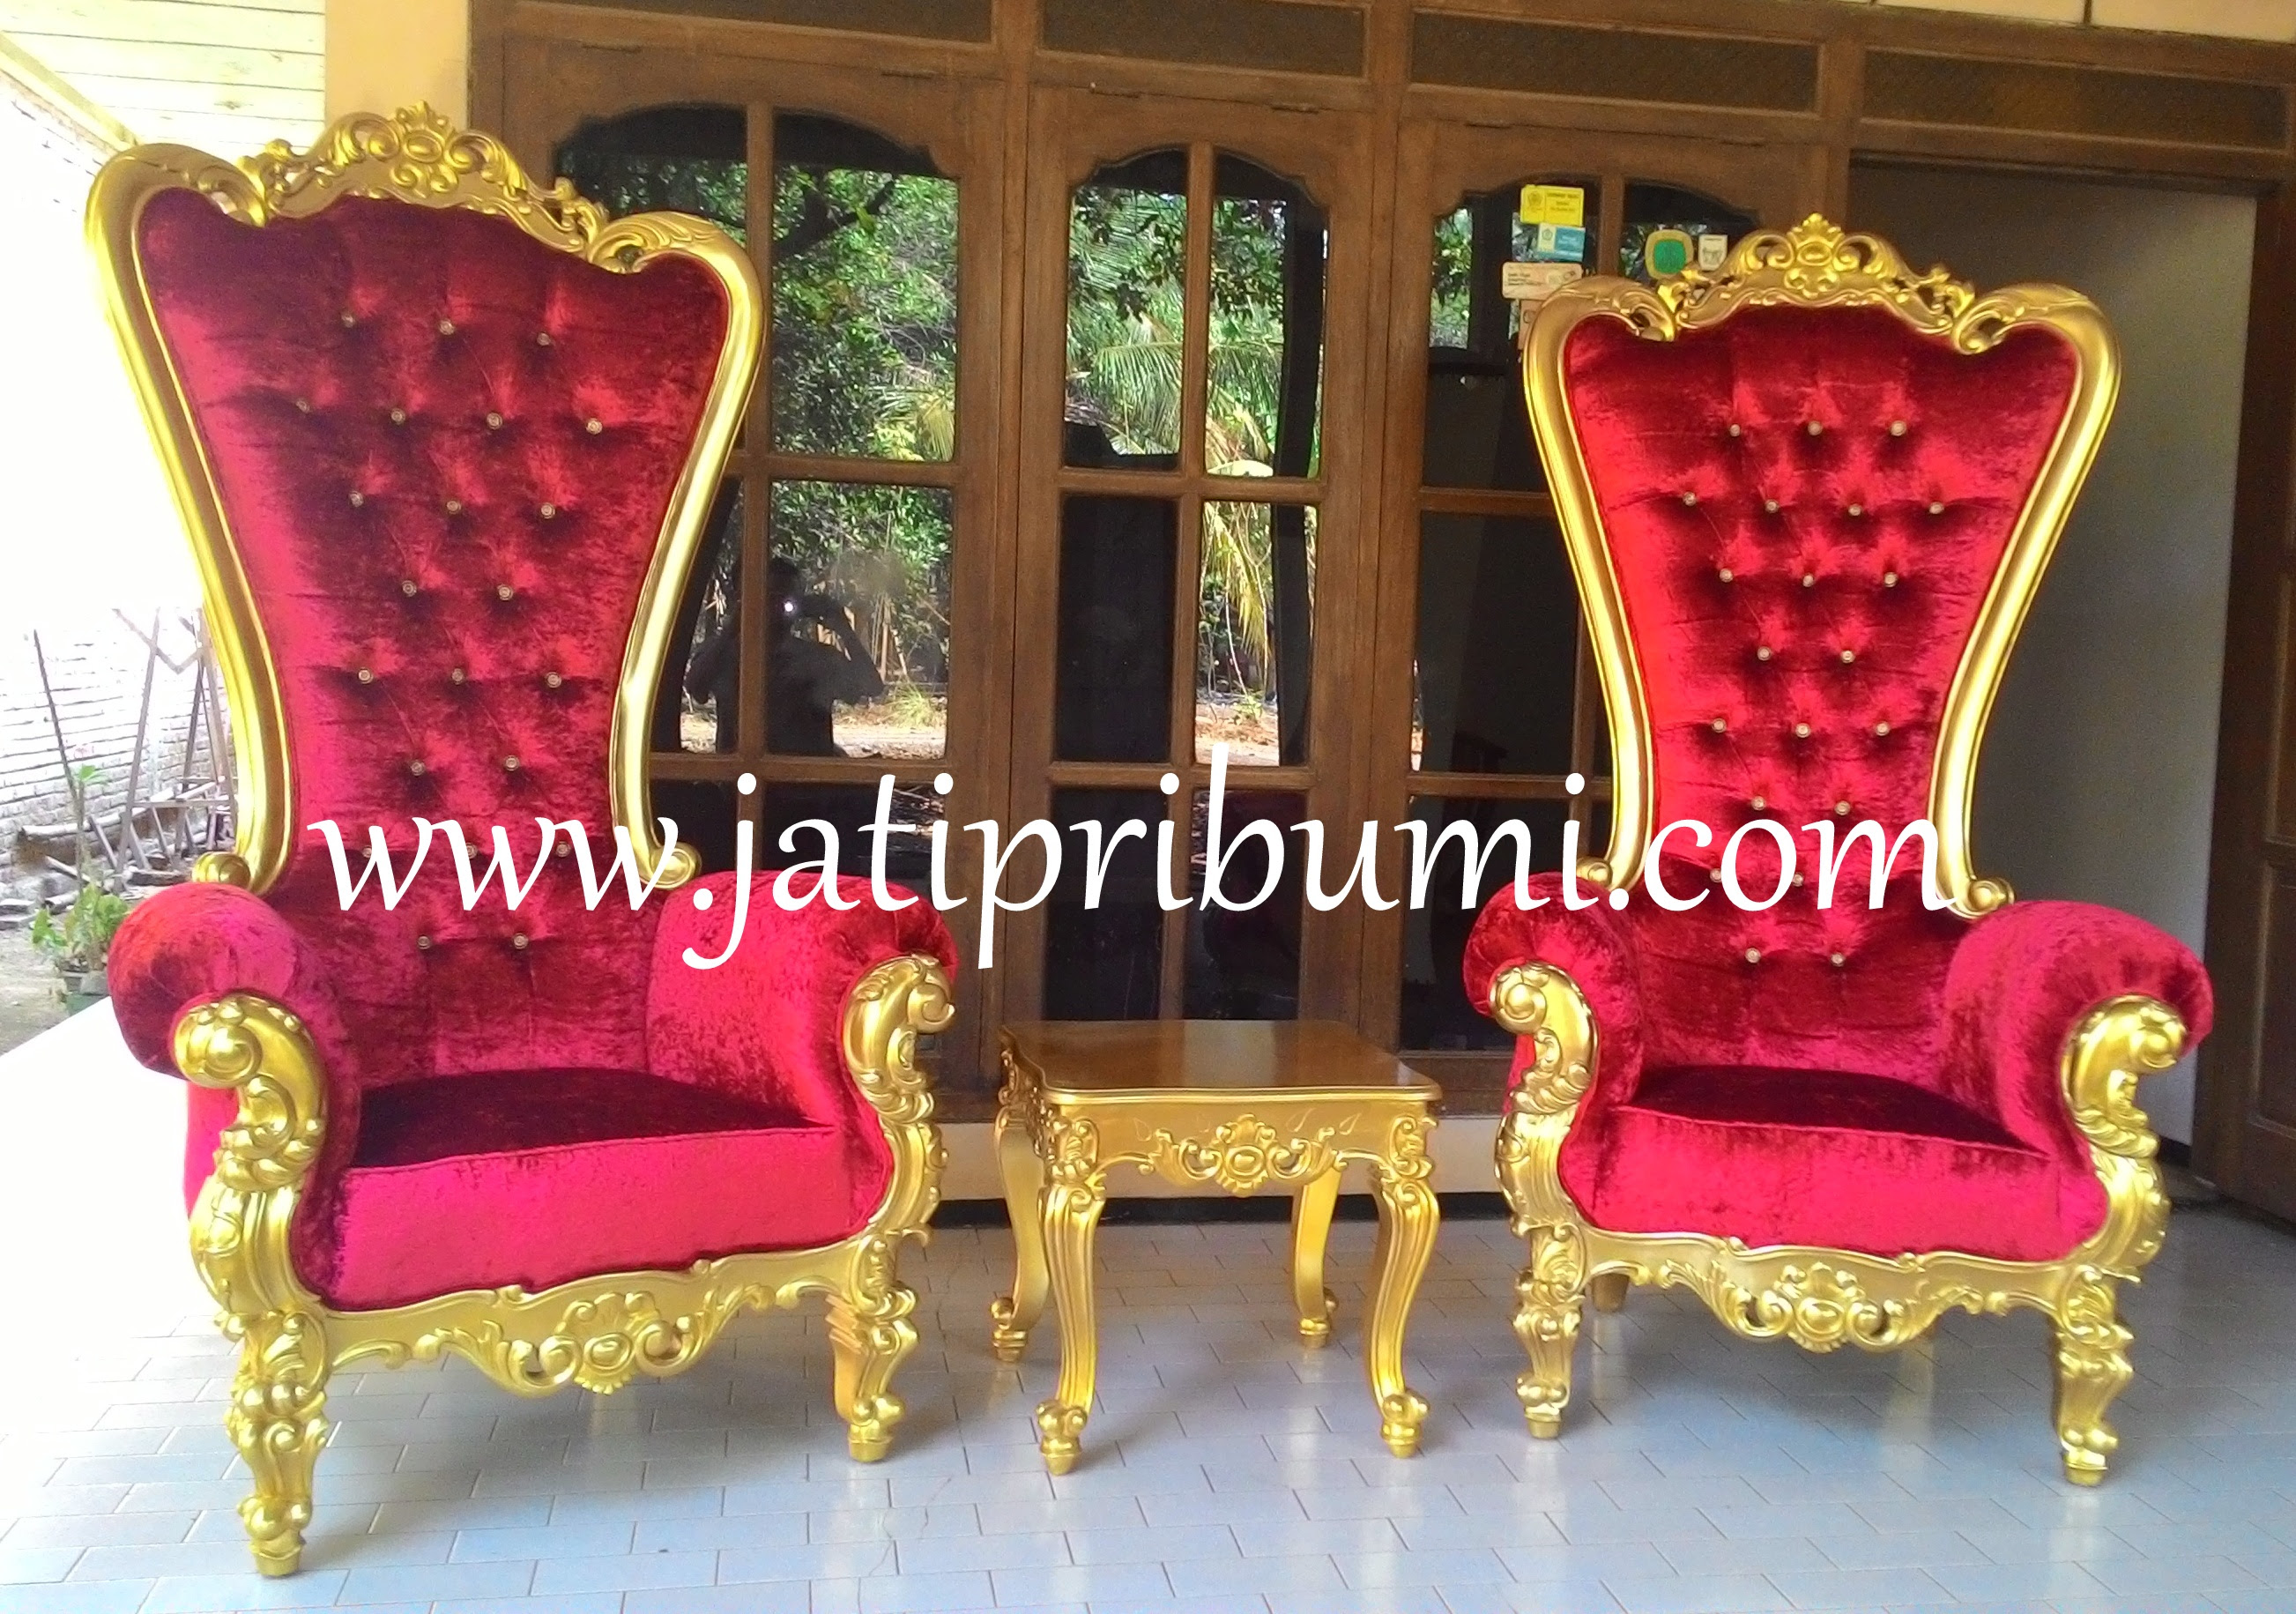 Set Kursi Sofa Ukir Jepara Princess Roche Jati Pribumi